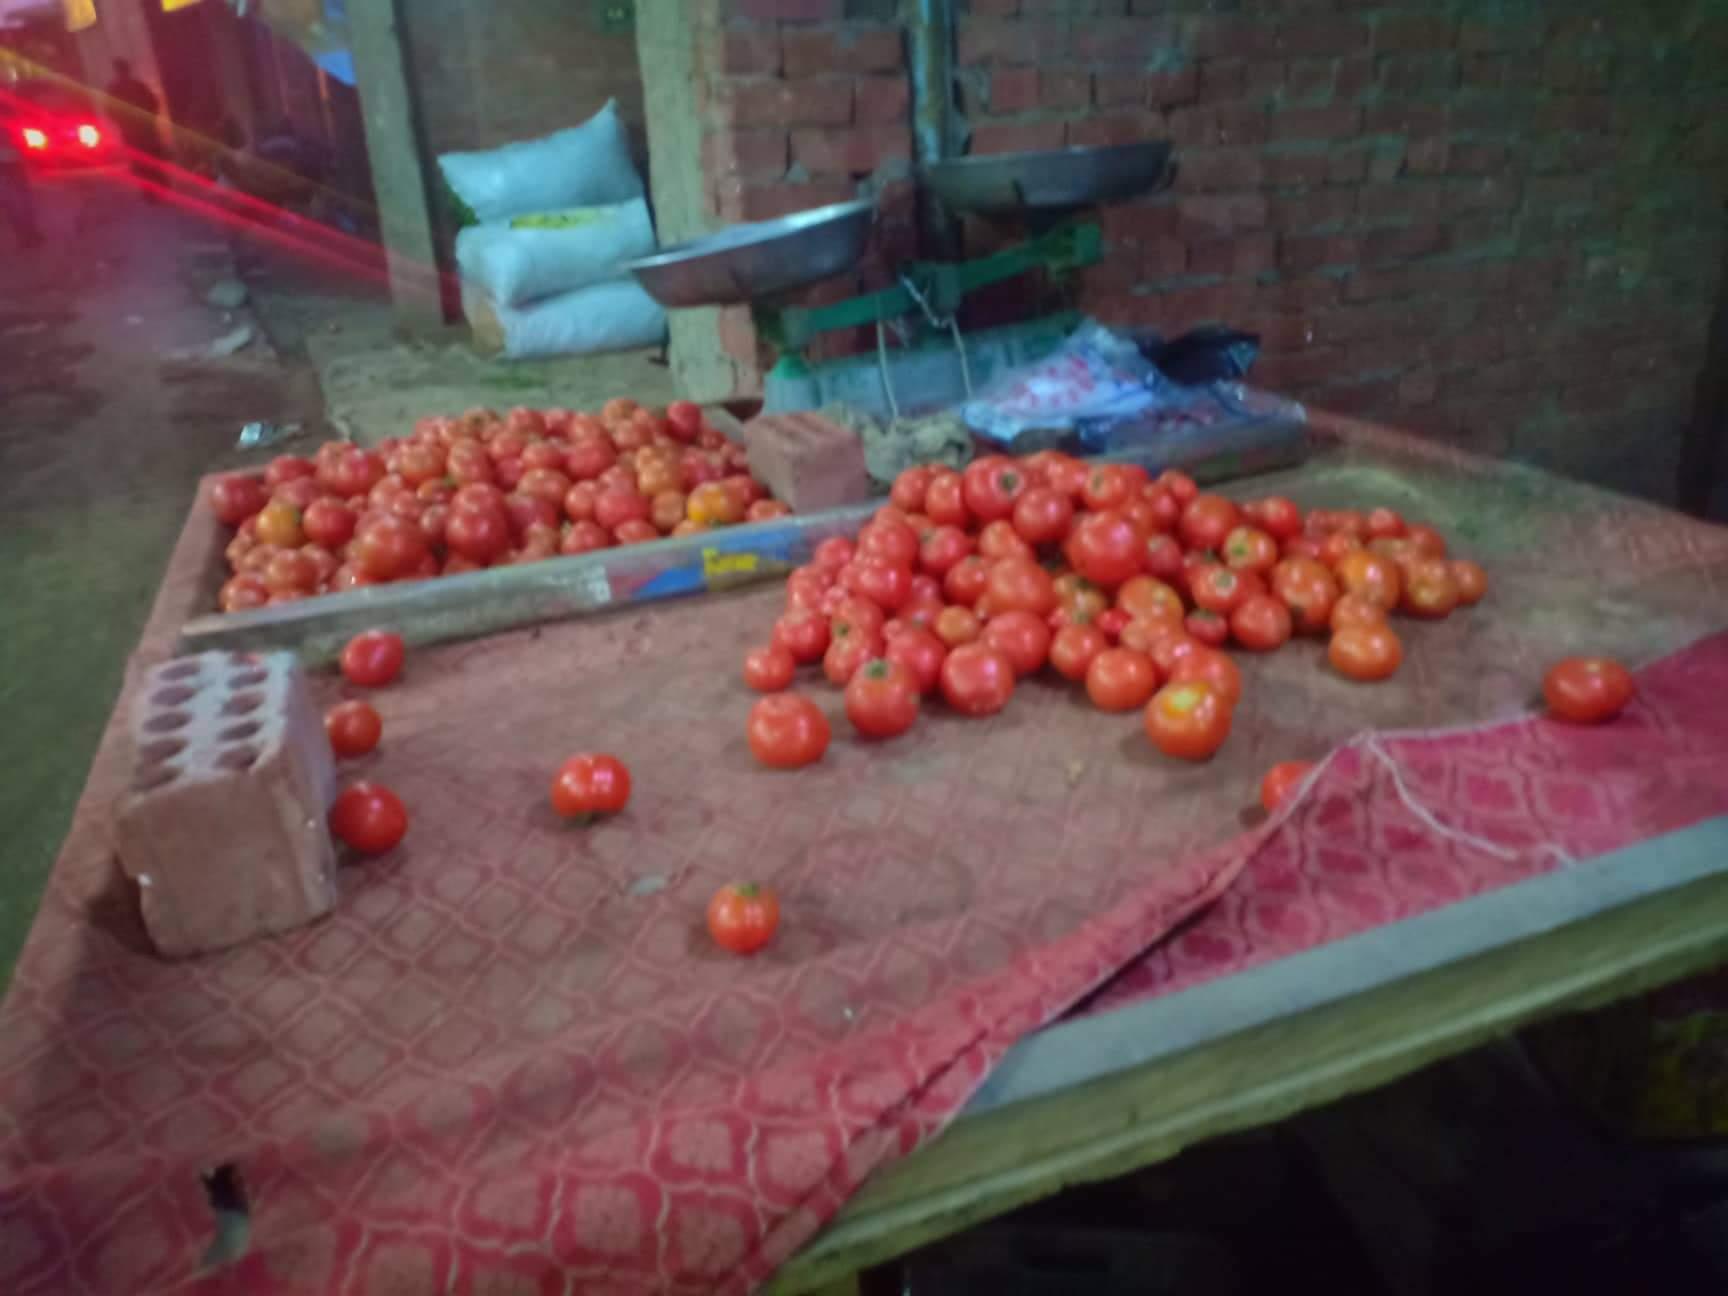 الخضروات بأسواق القليوبية بعد انخفاضها (1)